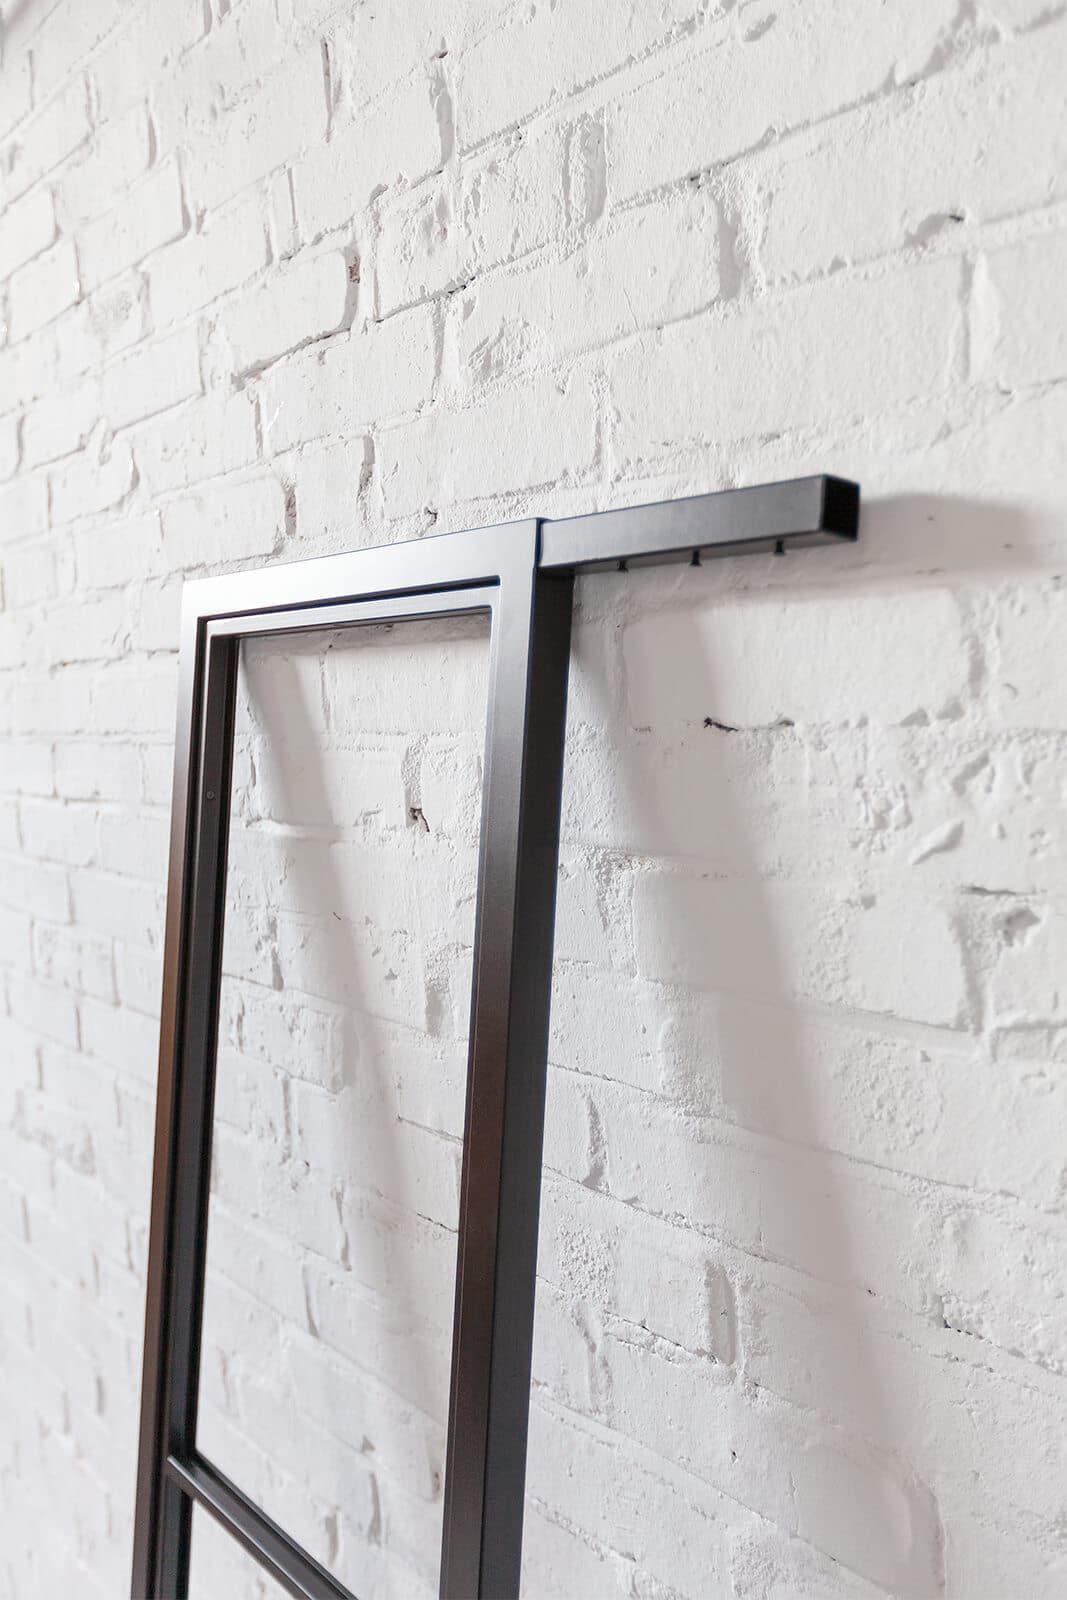 N51E12 - Stahl Loft Tür, Stecksystem